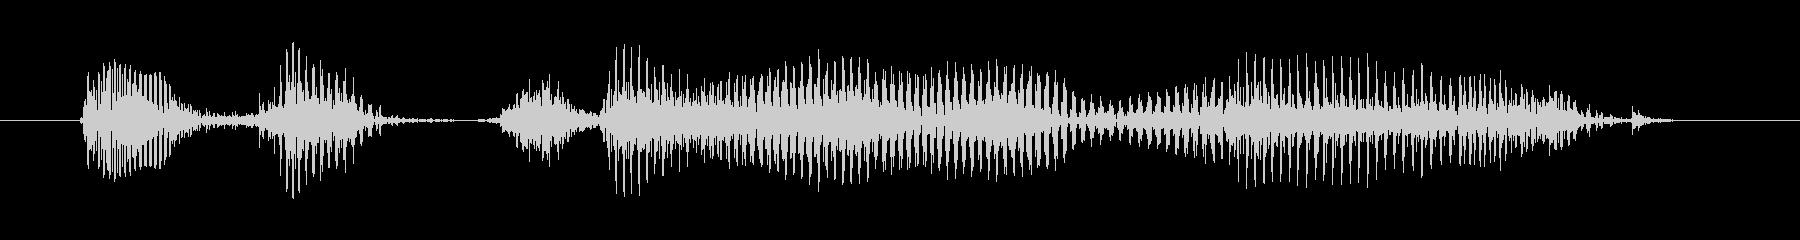 中年の女性A:大声で叫ぶために!の未再生の波形